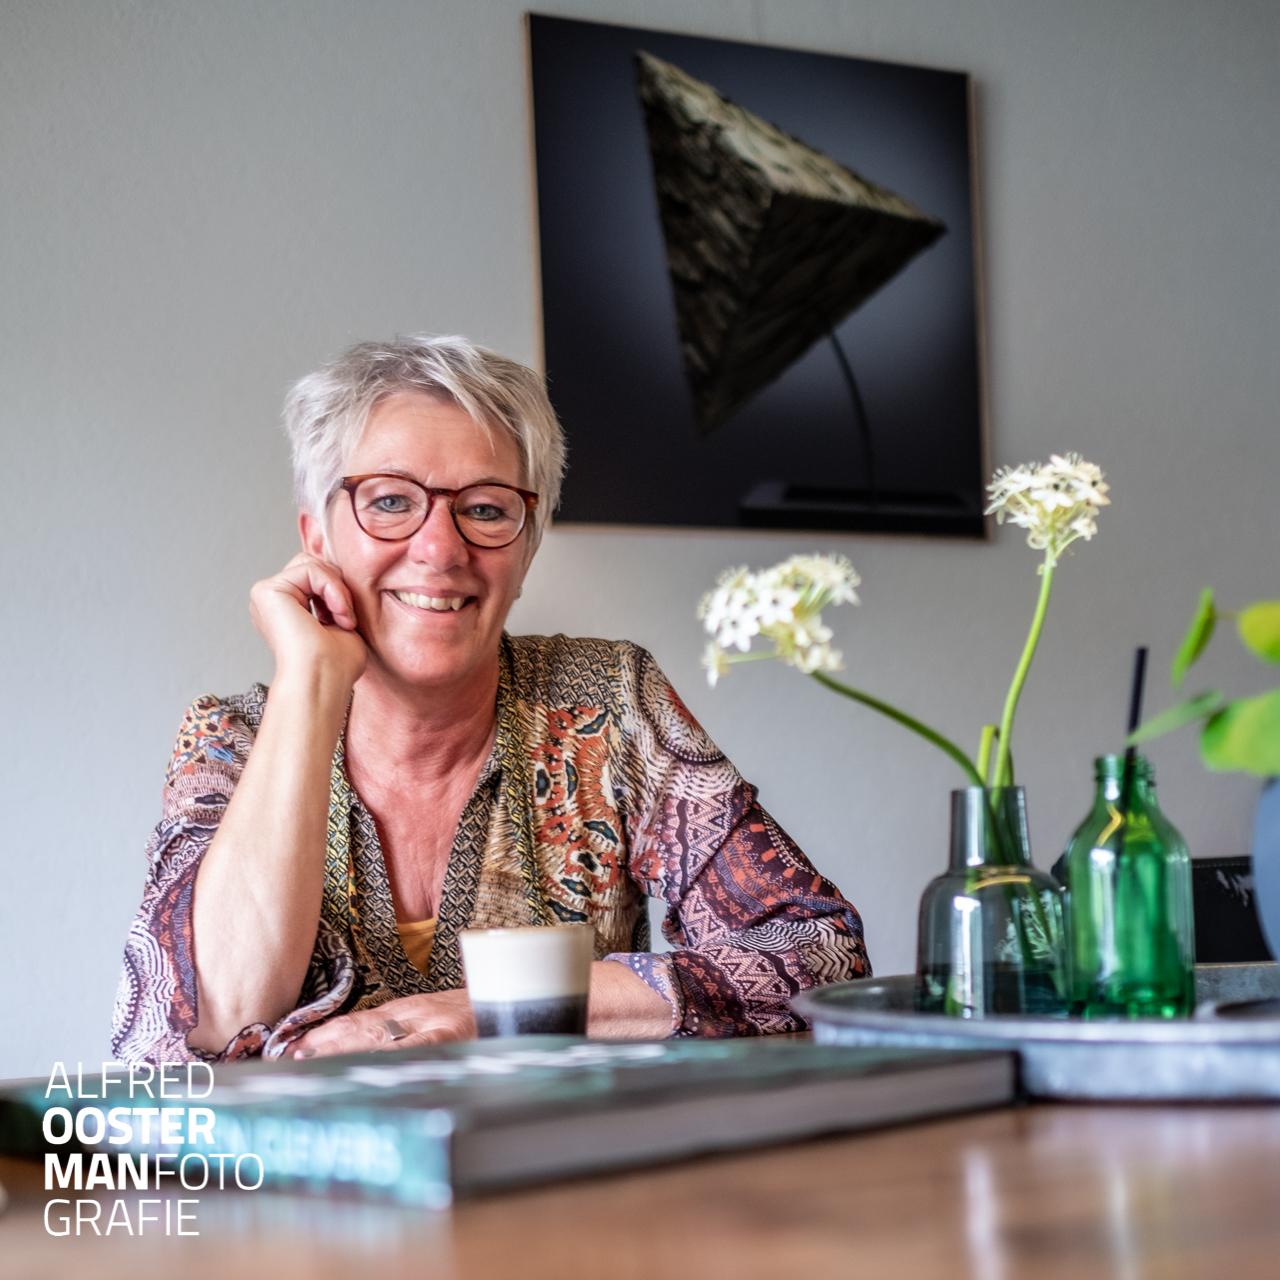 Anita Hoekstra met op de achtergrond aan de wand een afbeelding uit het boek Leaves.